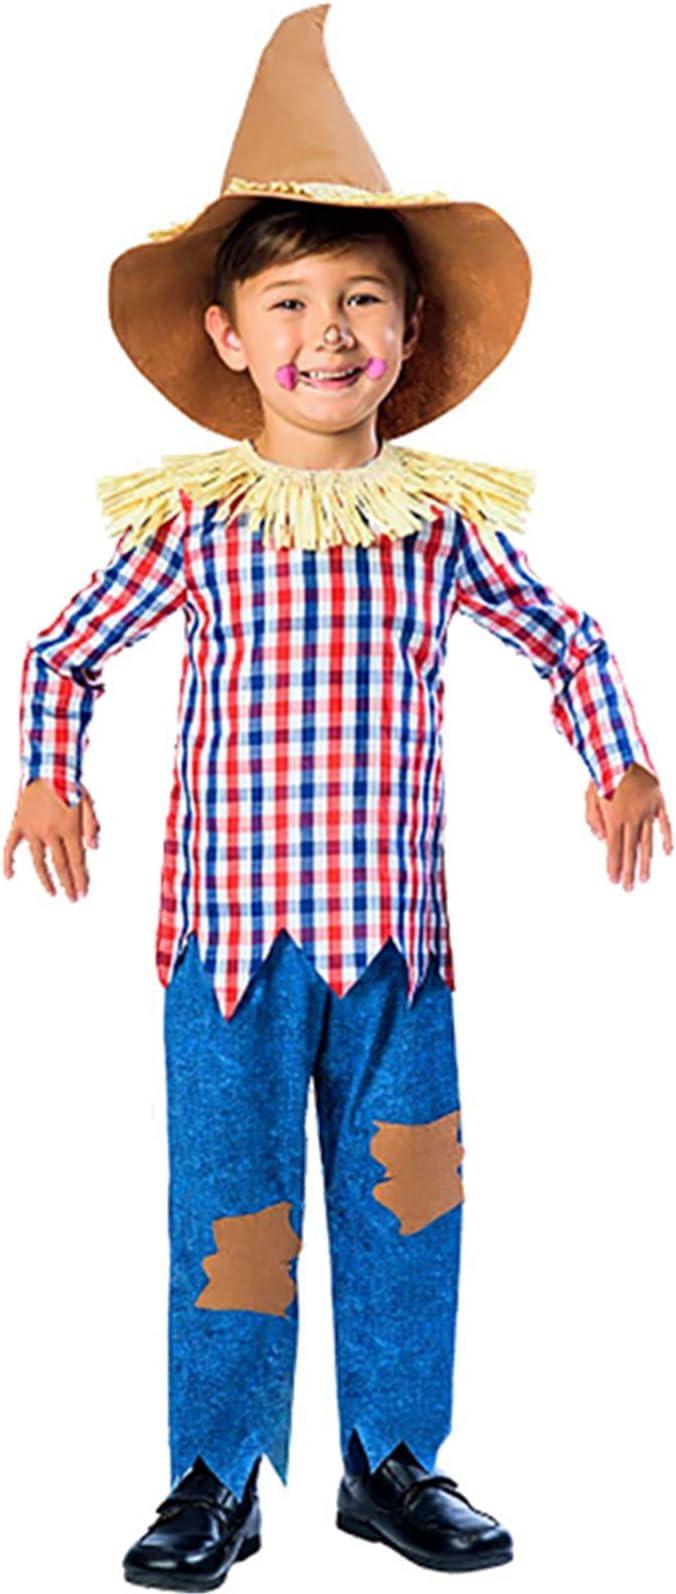 Amscan International Disfraz de espantapájaros para niños Edad de ...